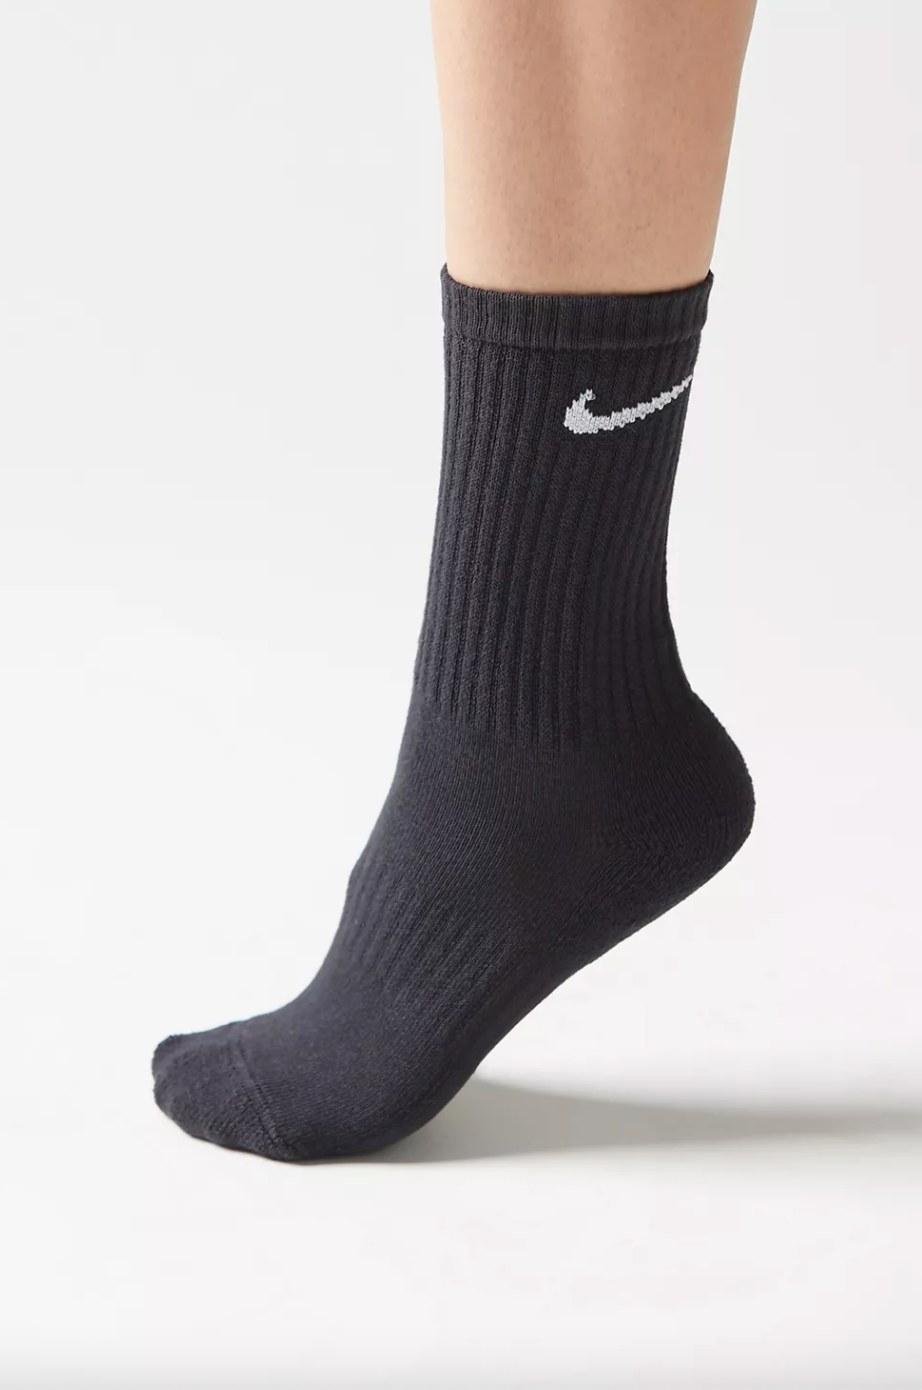 the Nike sock in black